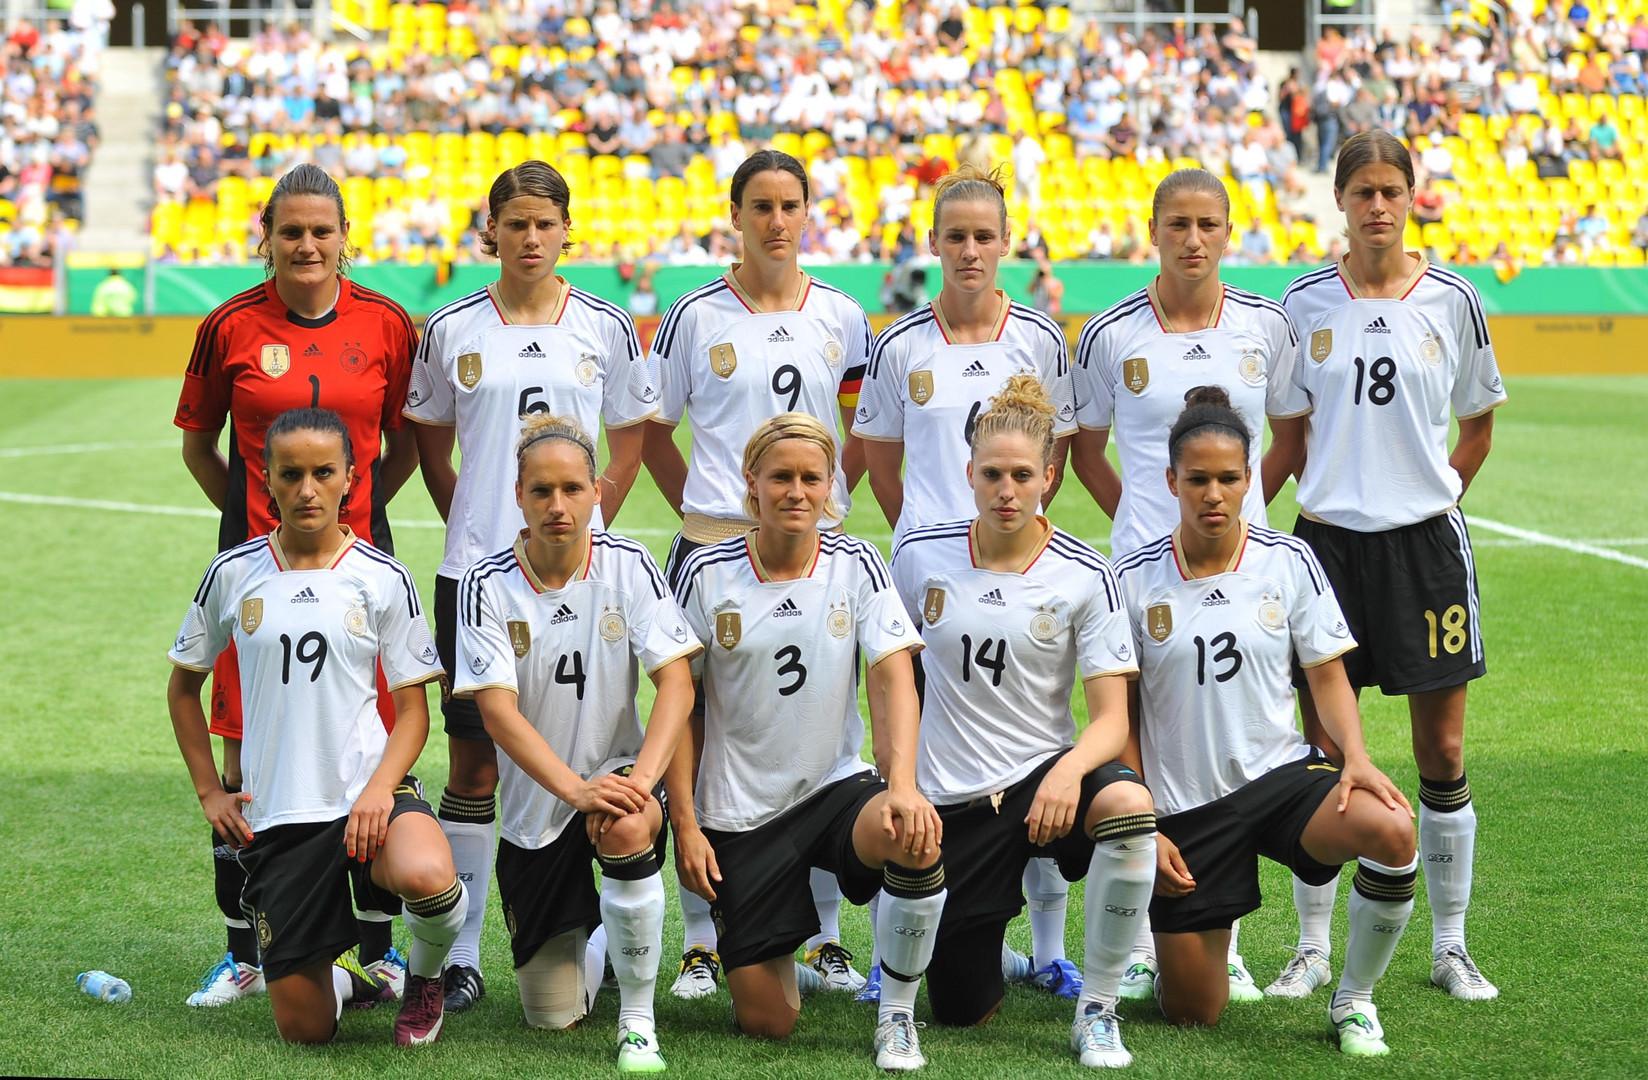 Damen Fußball Nationalmannschaft